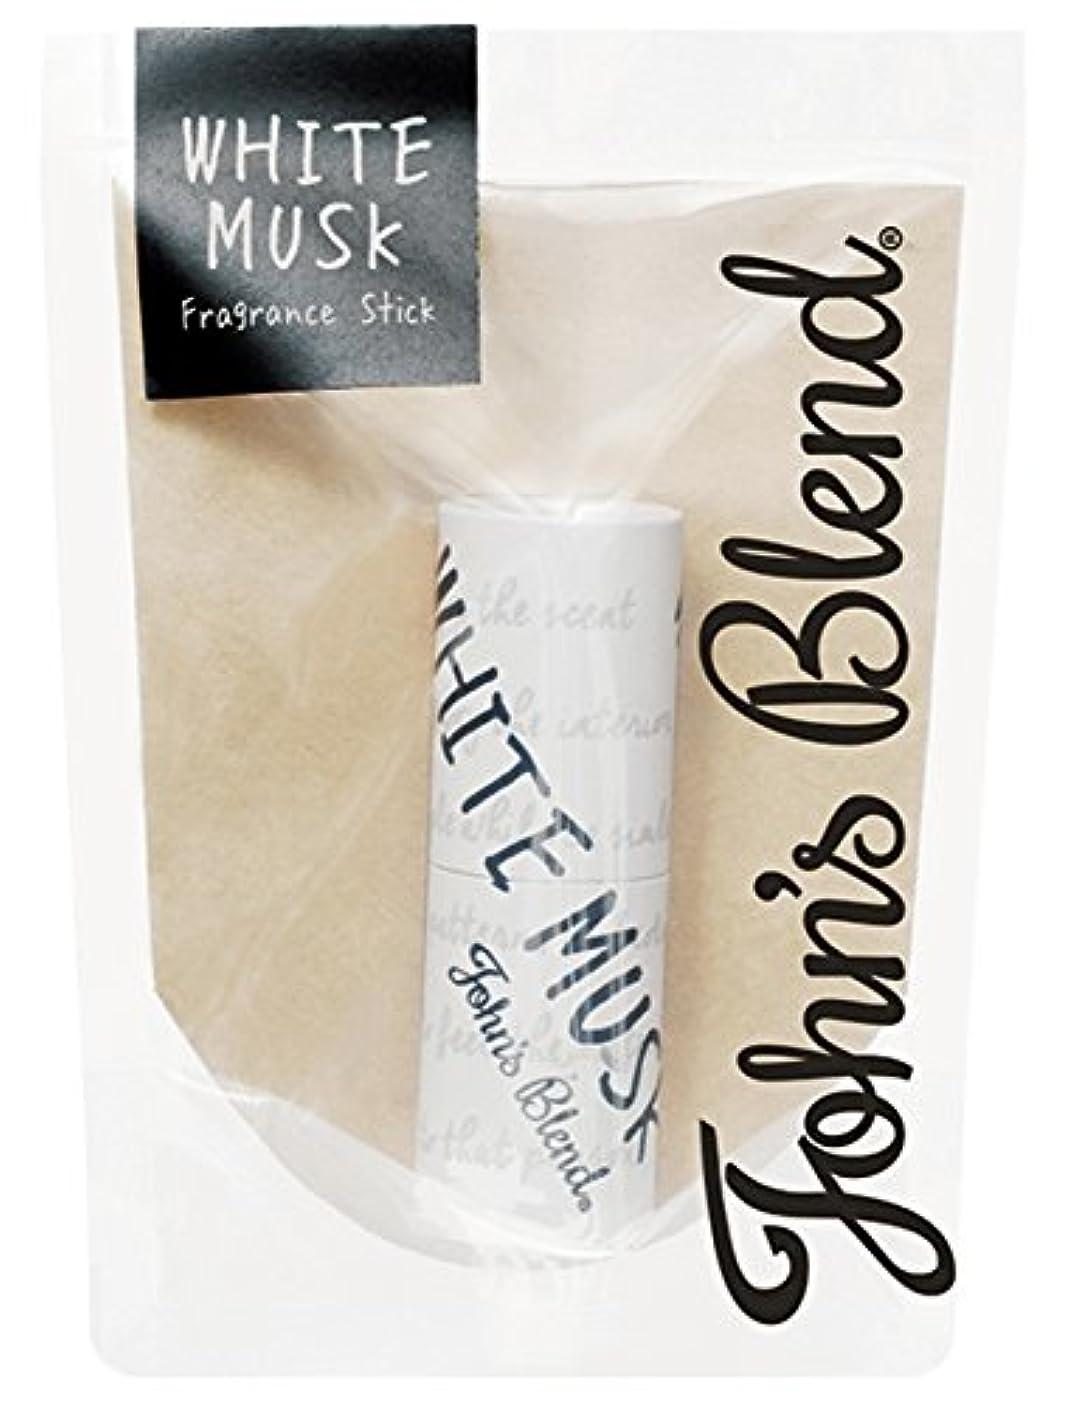 浸した慈悲深い有効ノルコーポレーション John's Blend 練り香水 フレグランススティック OZ-JOD-3-1 ホワイトムスクの香り 3.5g